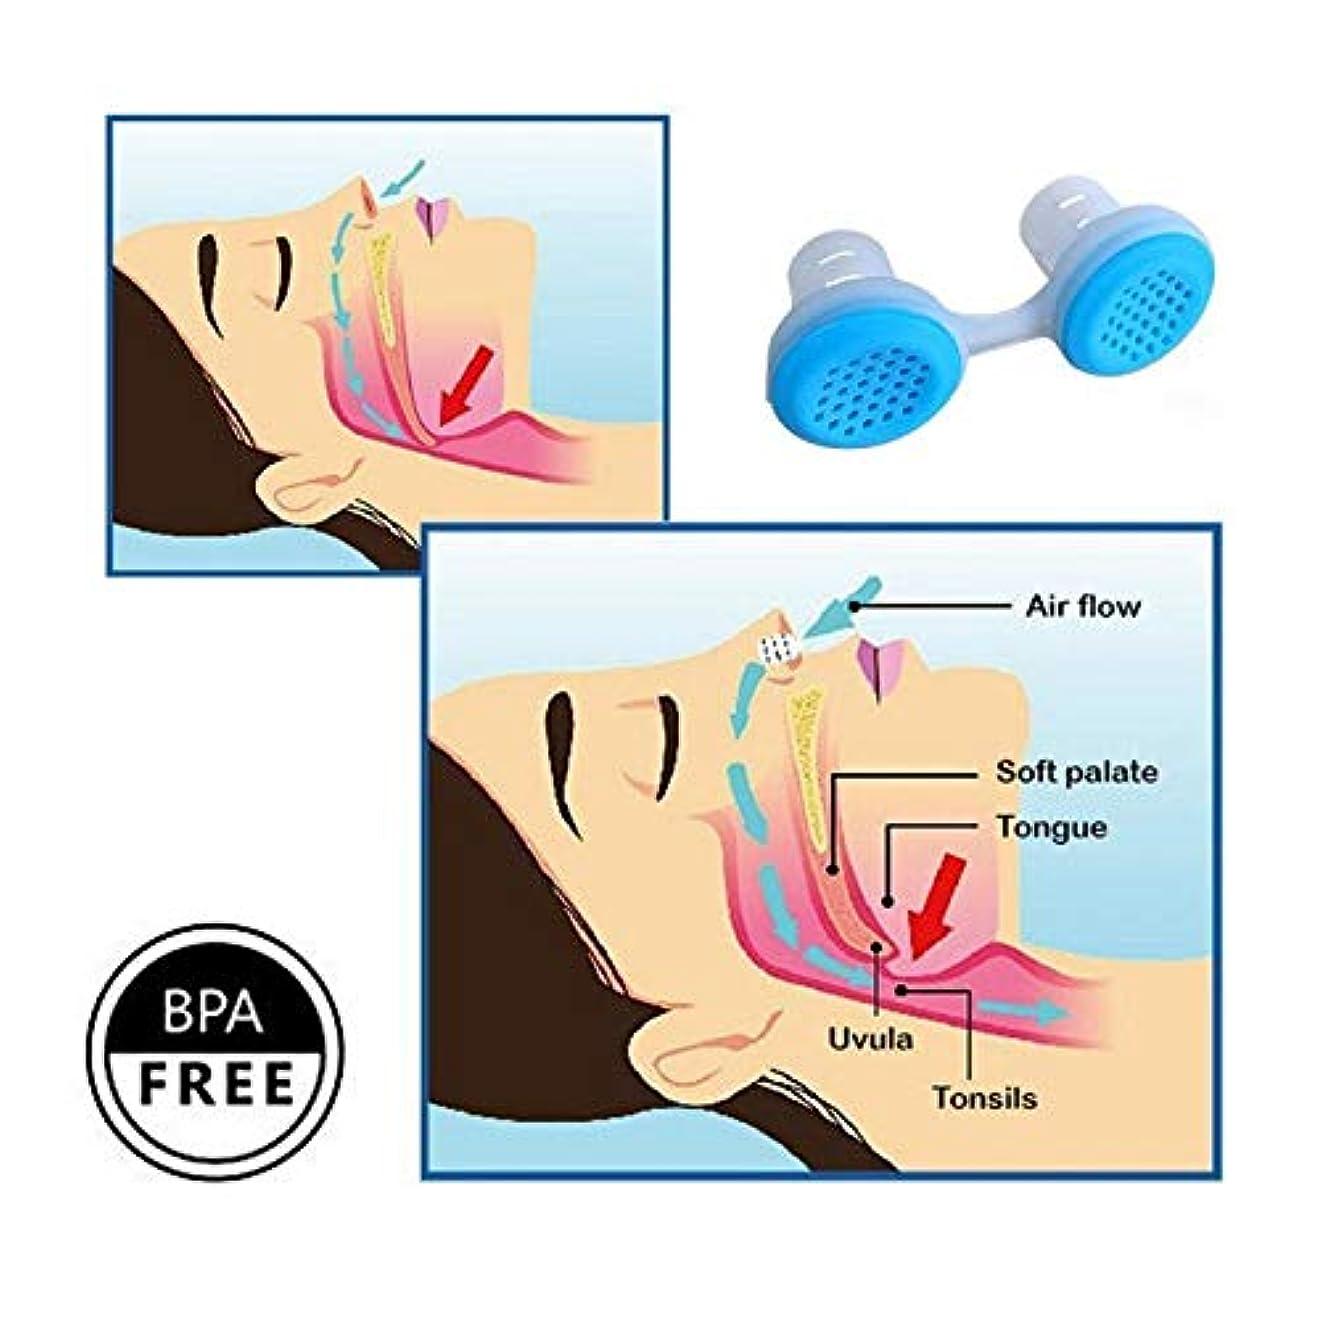 型煙突ドキュメンタリーNOTE 1ピース緩和いびき鼻いびき停止呼吸装置ガード睡眠補助ミニいびき装置アンチいびきシリコーンC2